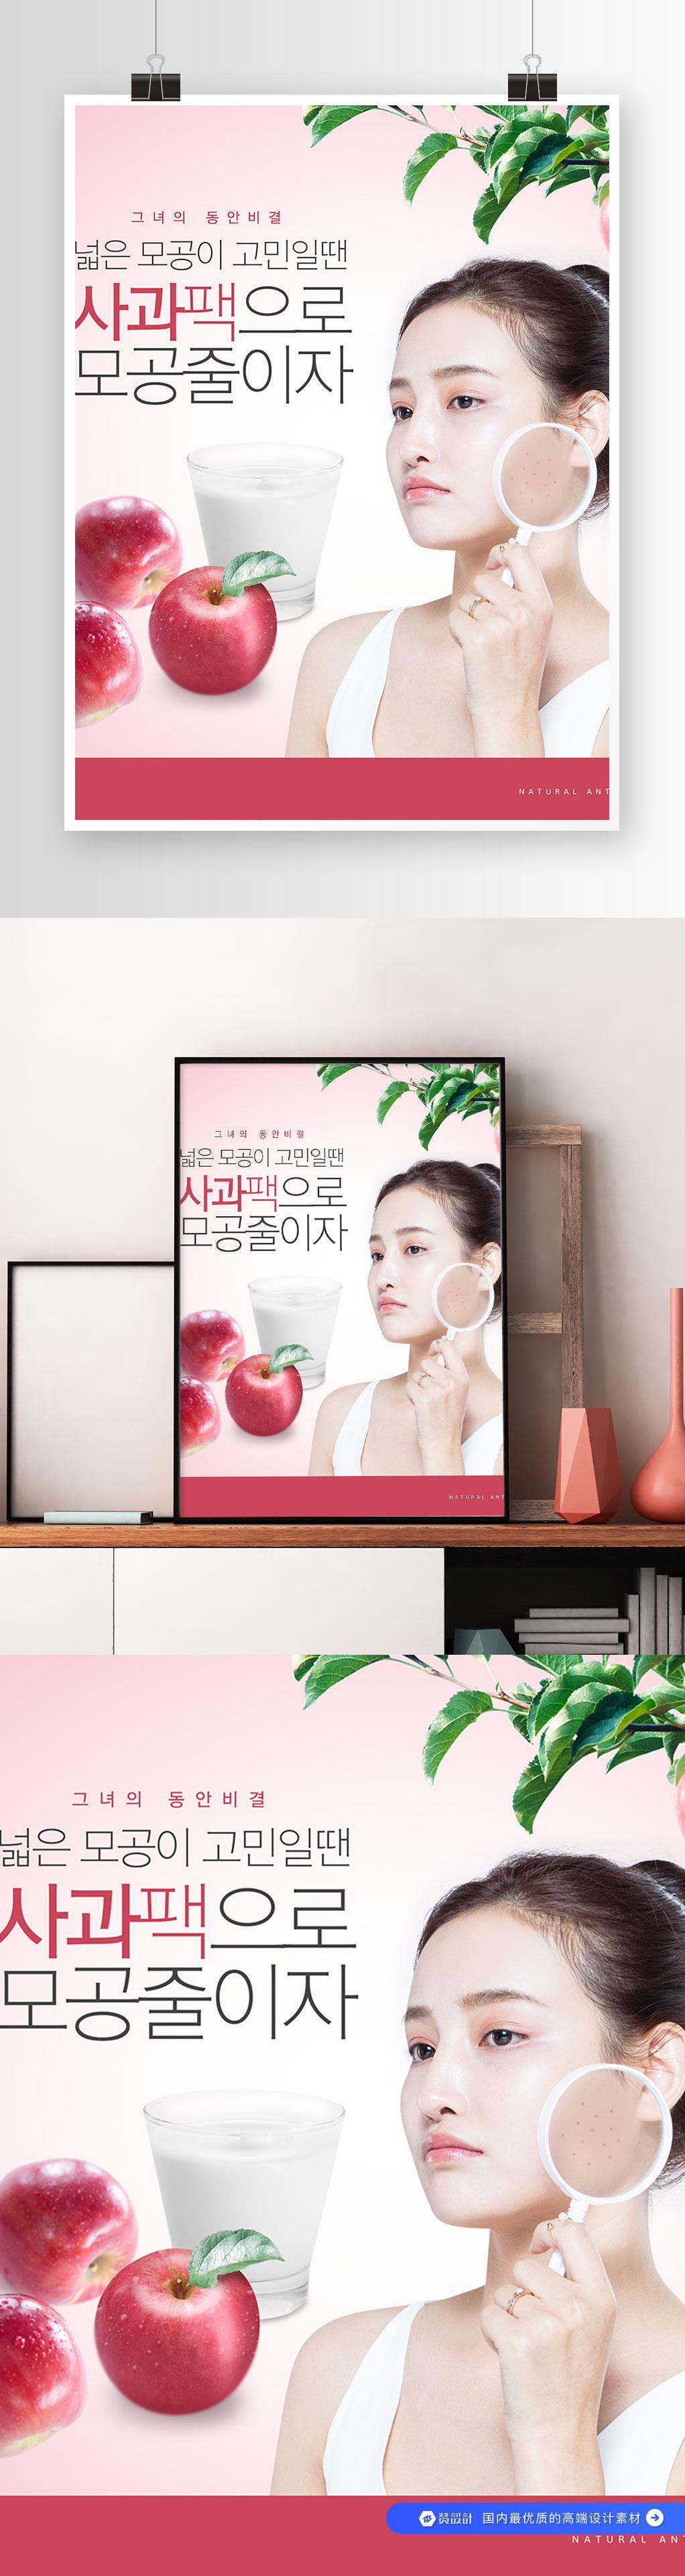 红苹果牛奶美女护肤品祛痘化妆品海报